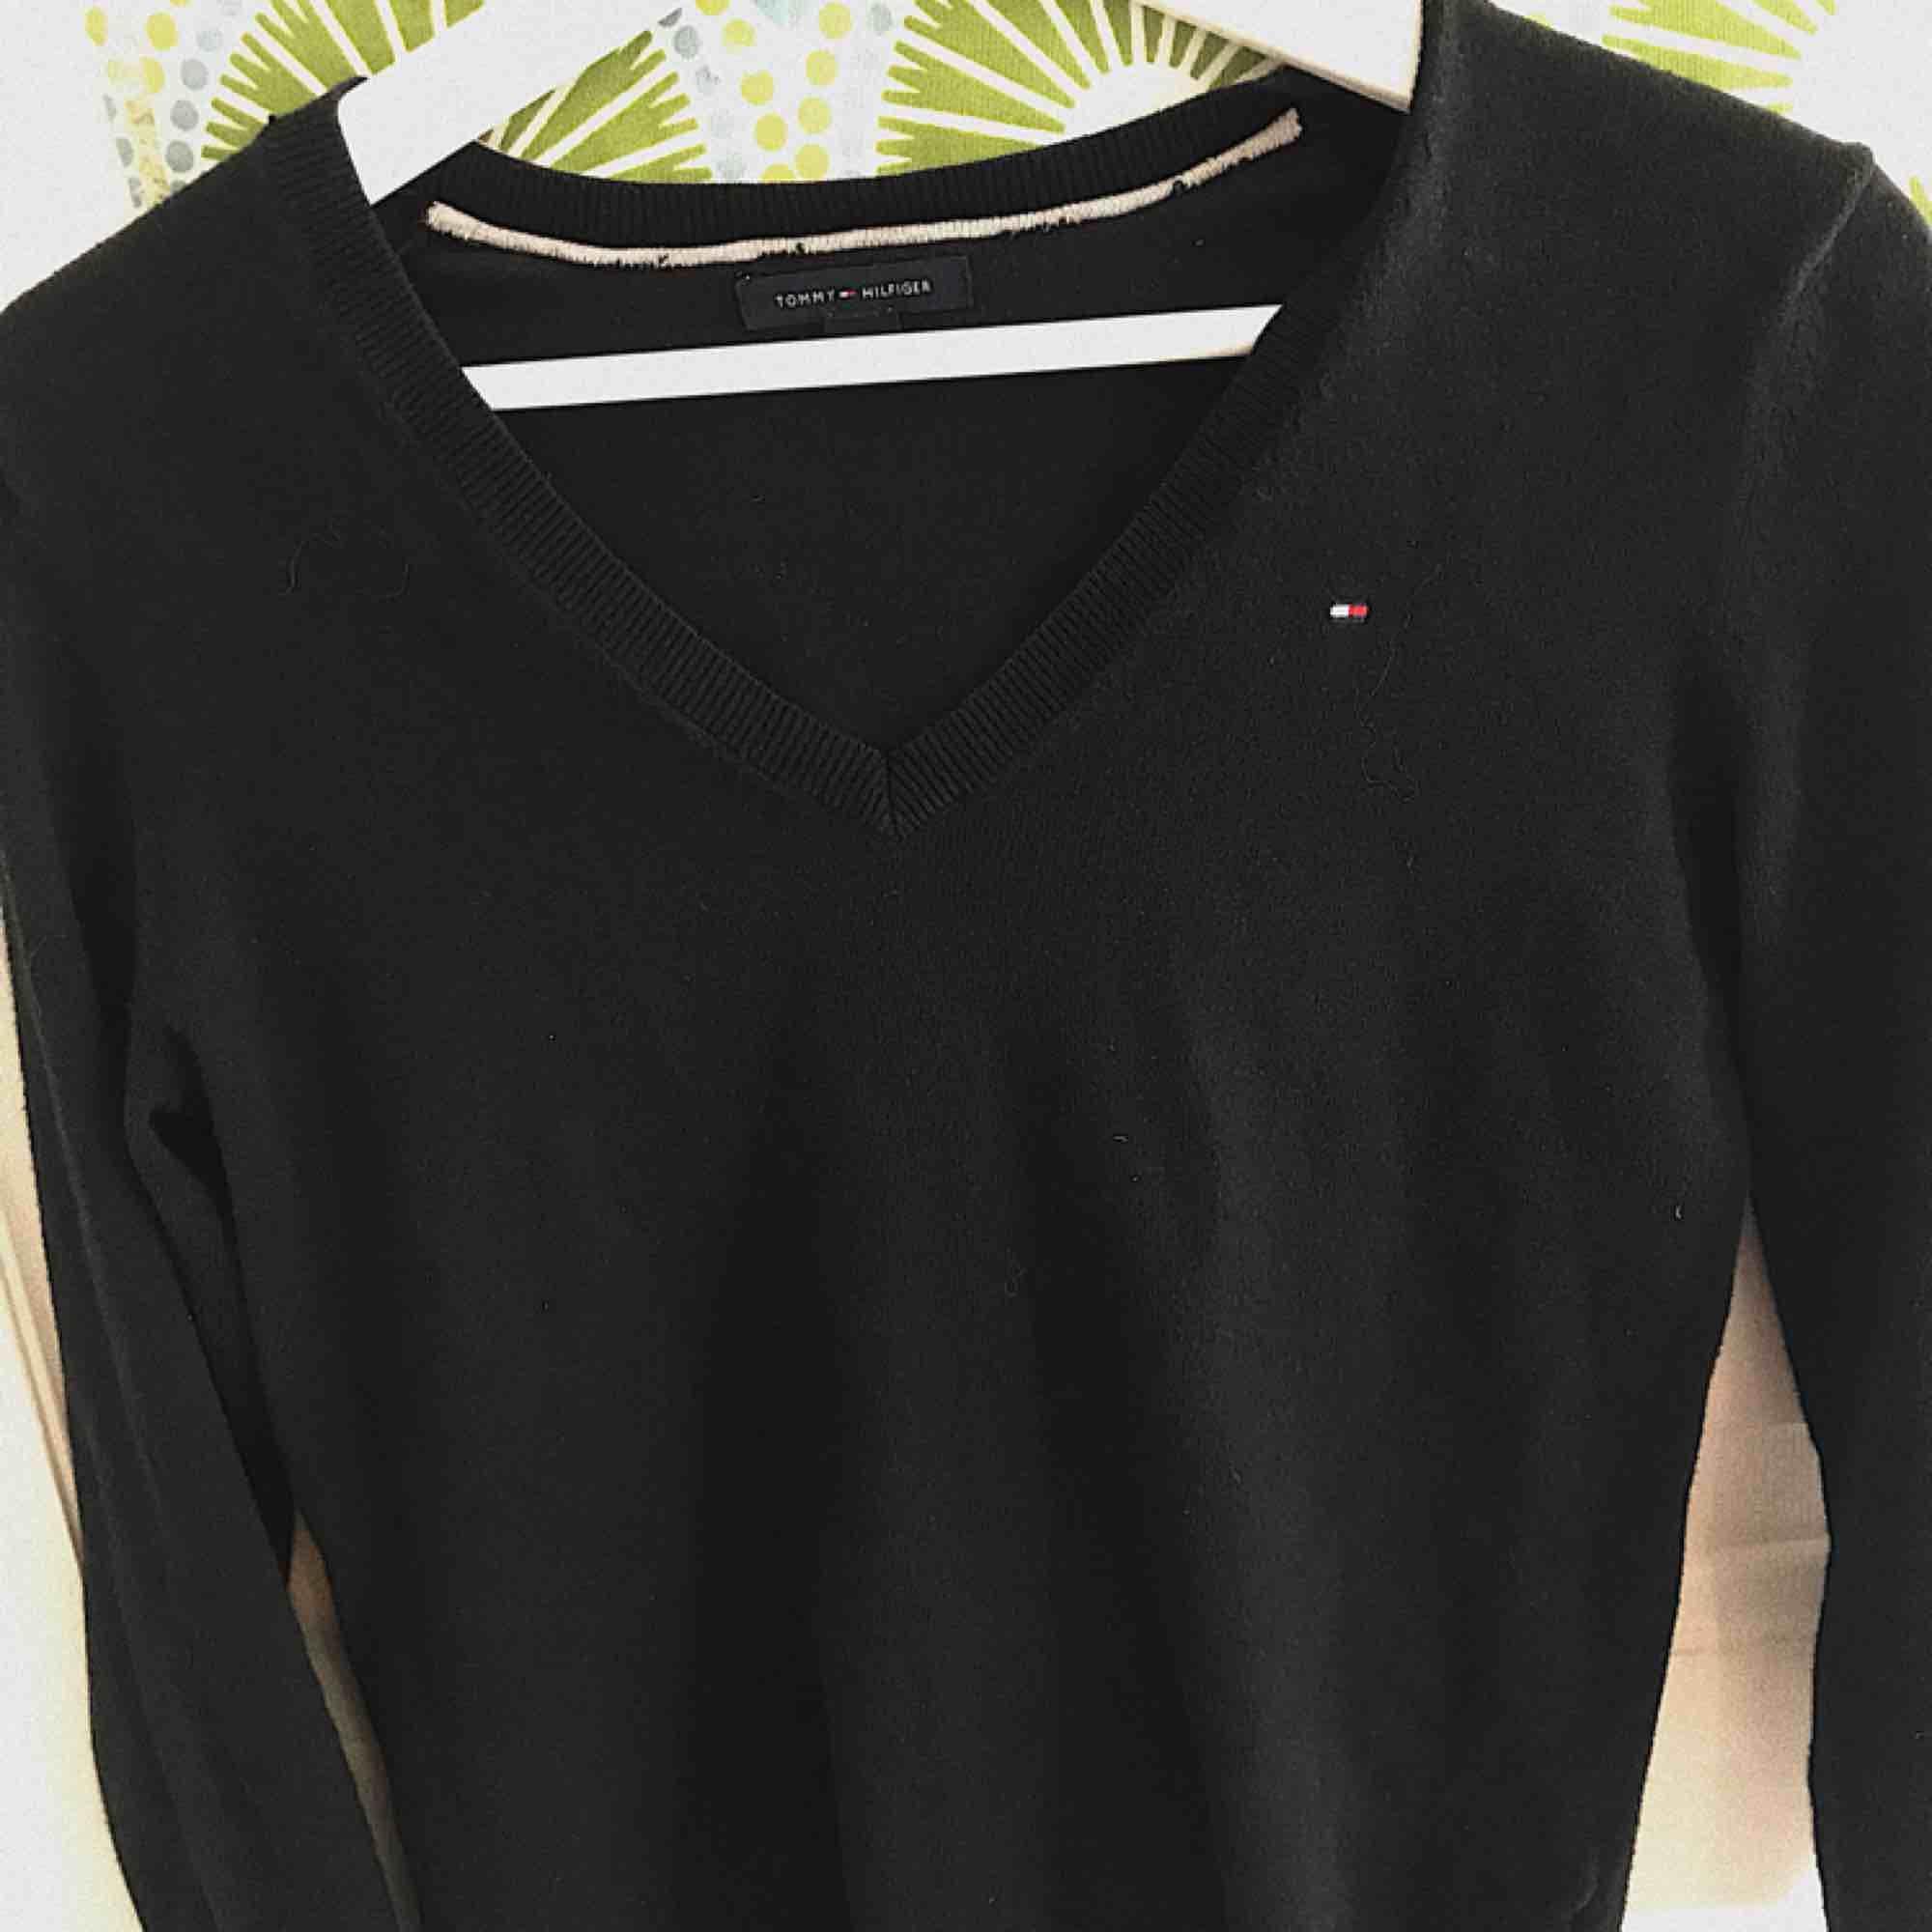 Säljer denna Tommy Hilfiger tröja i storlek XS, men passar även för mig som använder S/M. V-ringad. Använd fåtalet gånger. Mycket skön och väldigt fin! Kan mötas upp i Borås, annars så diskuteras frakt privat Skriv vid intresse för mer info. Tröjor & Koftor.